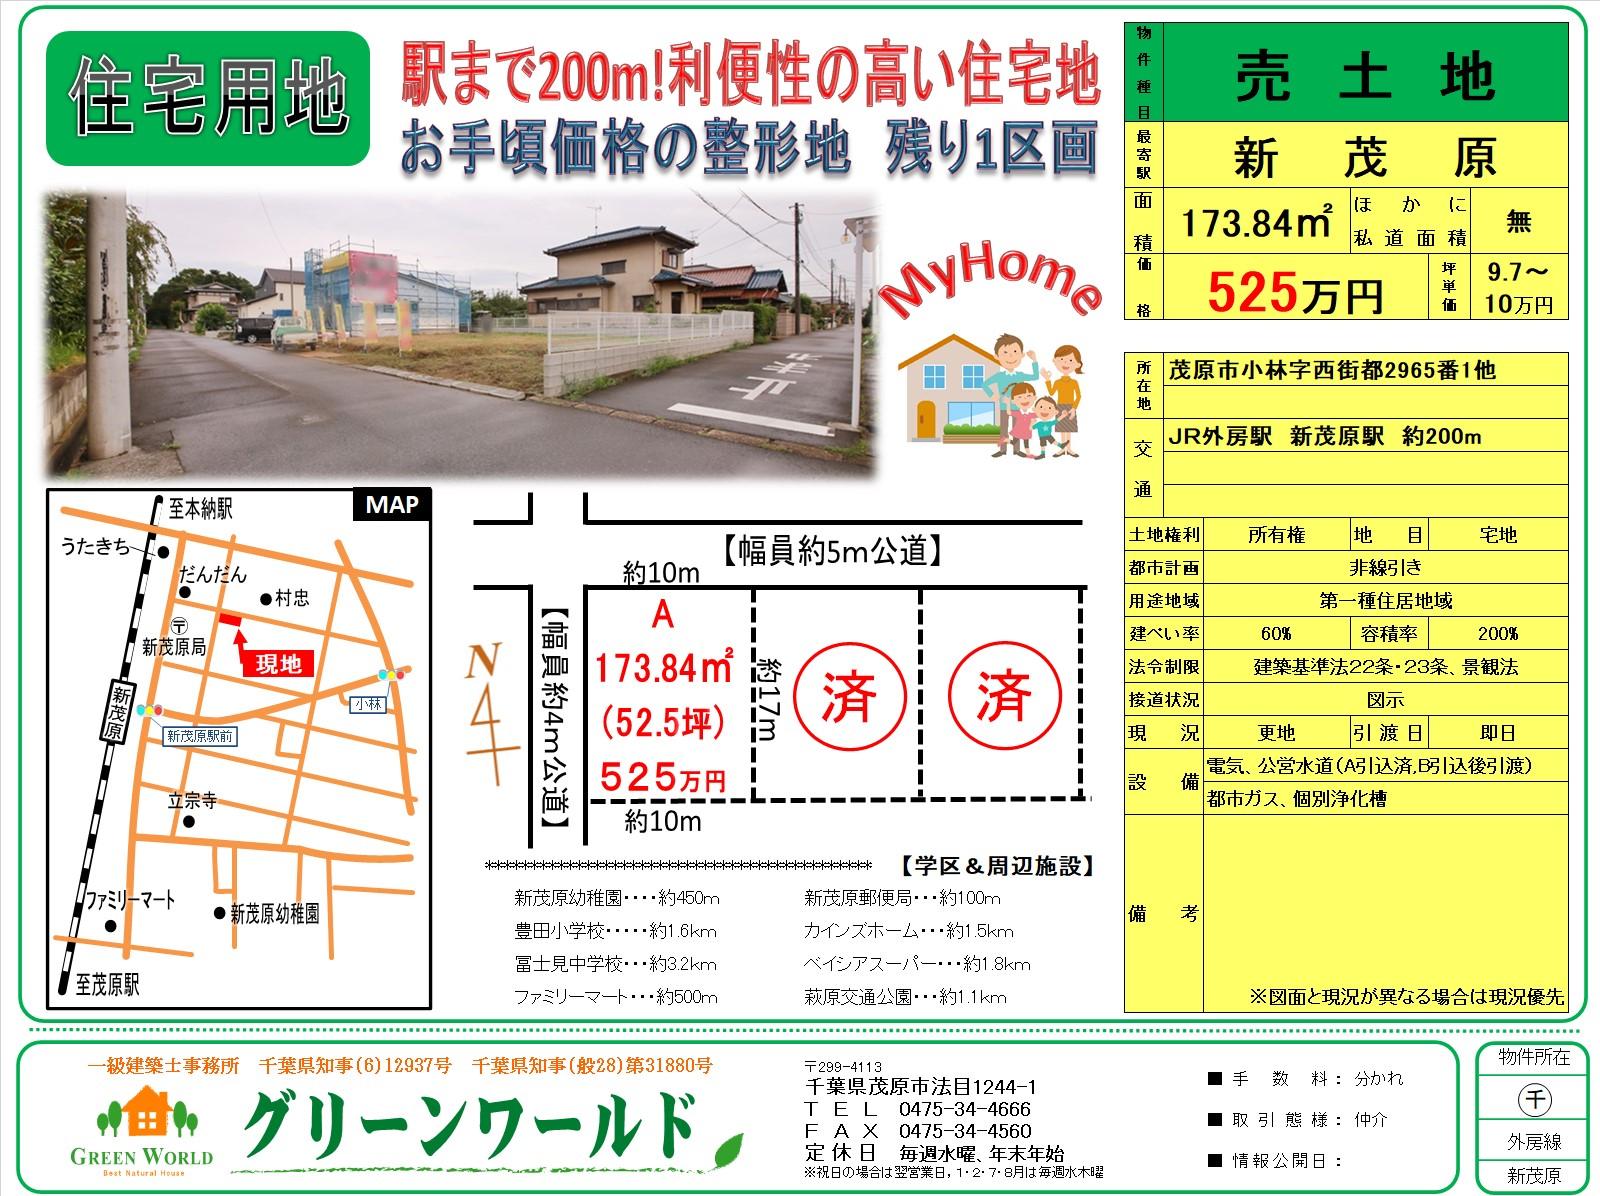 【売土地】茂原市小林52坪残り1区画